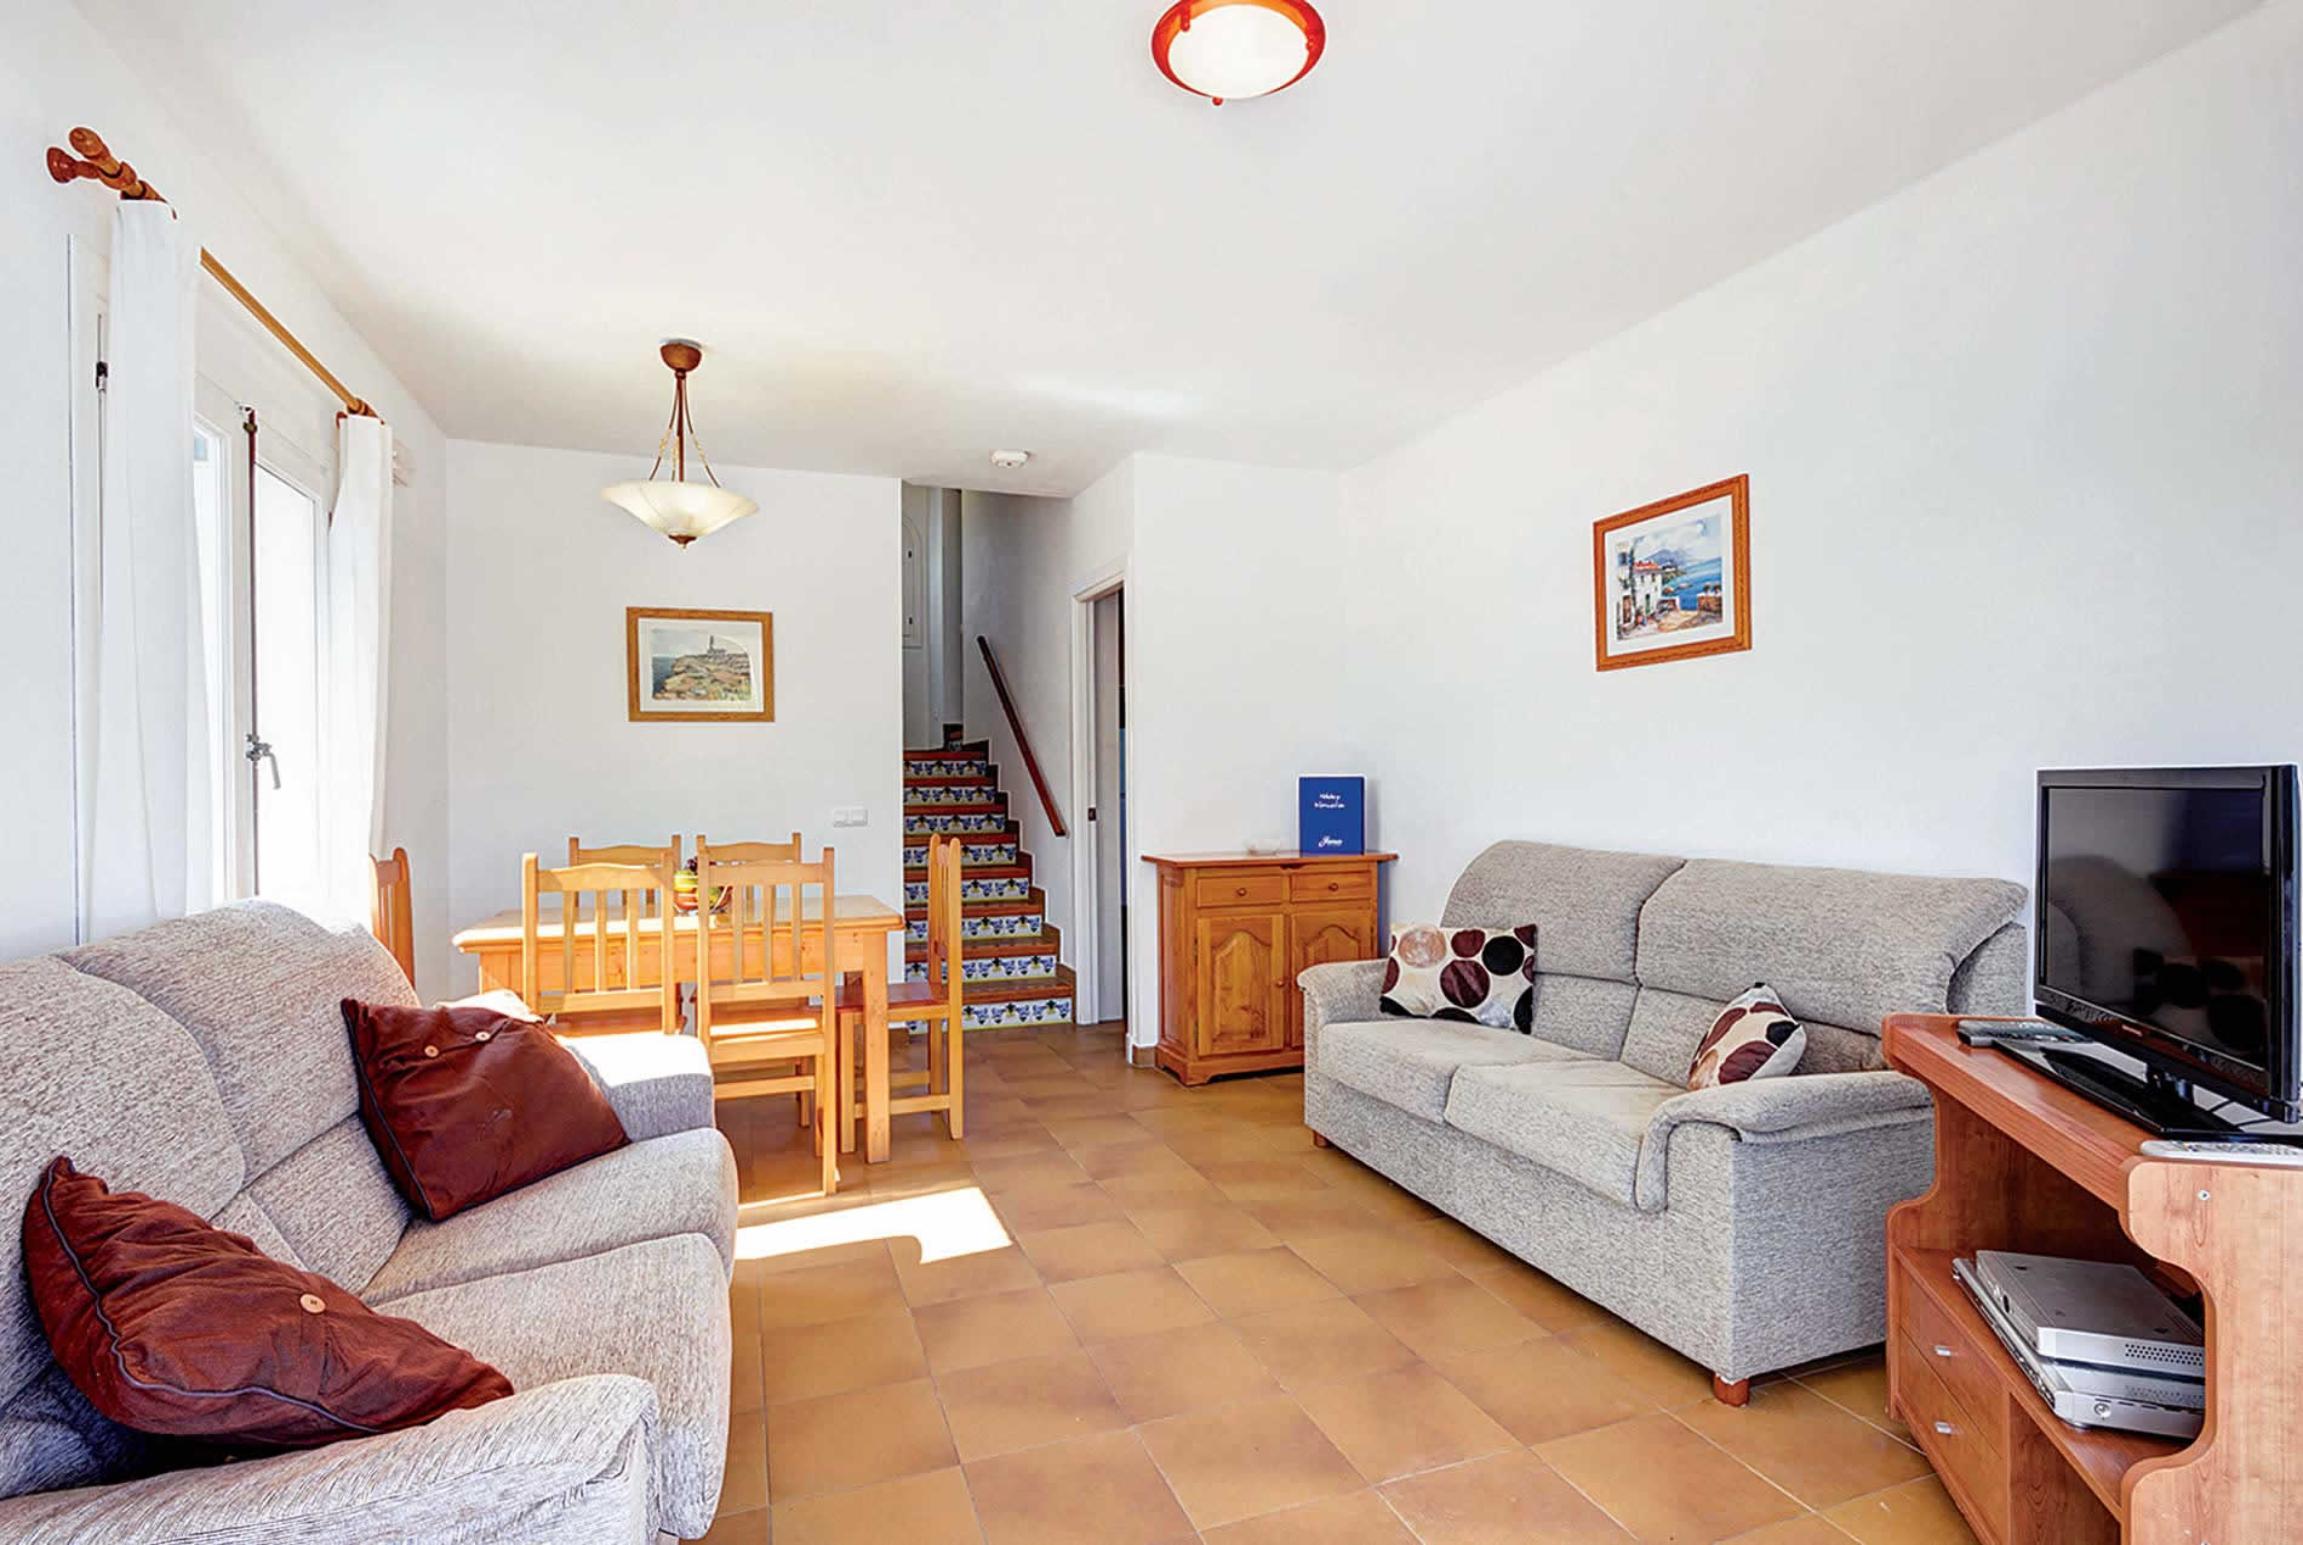 Ferienhaus Mar I Mar (2654306), Arenal De'N Castell, Menorca, Balearische Inseln, Spanien, Bild 10